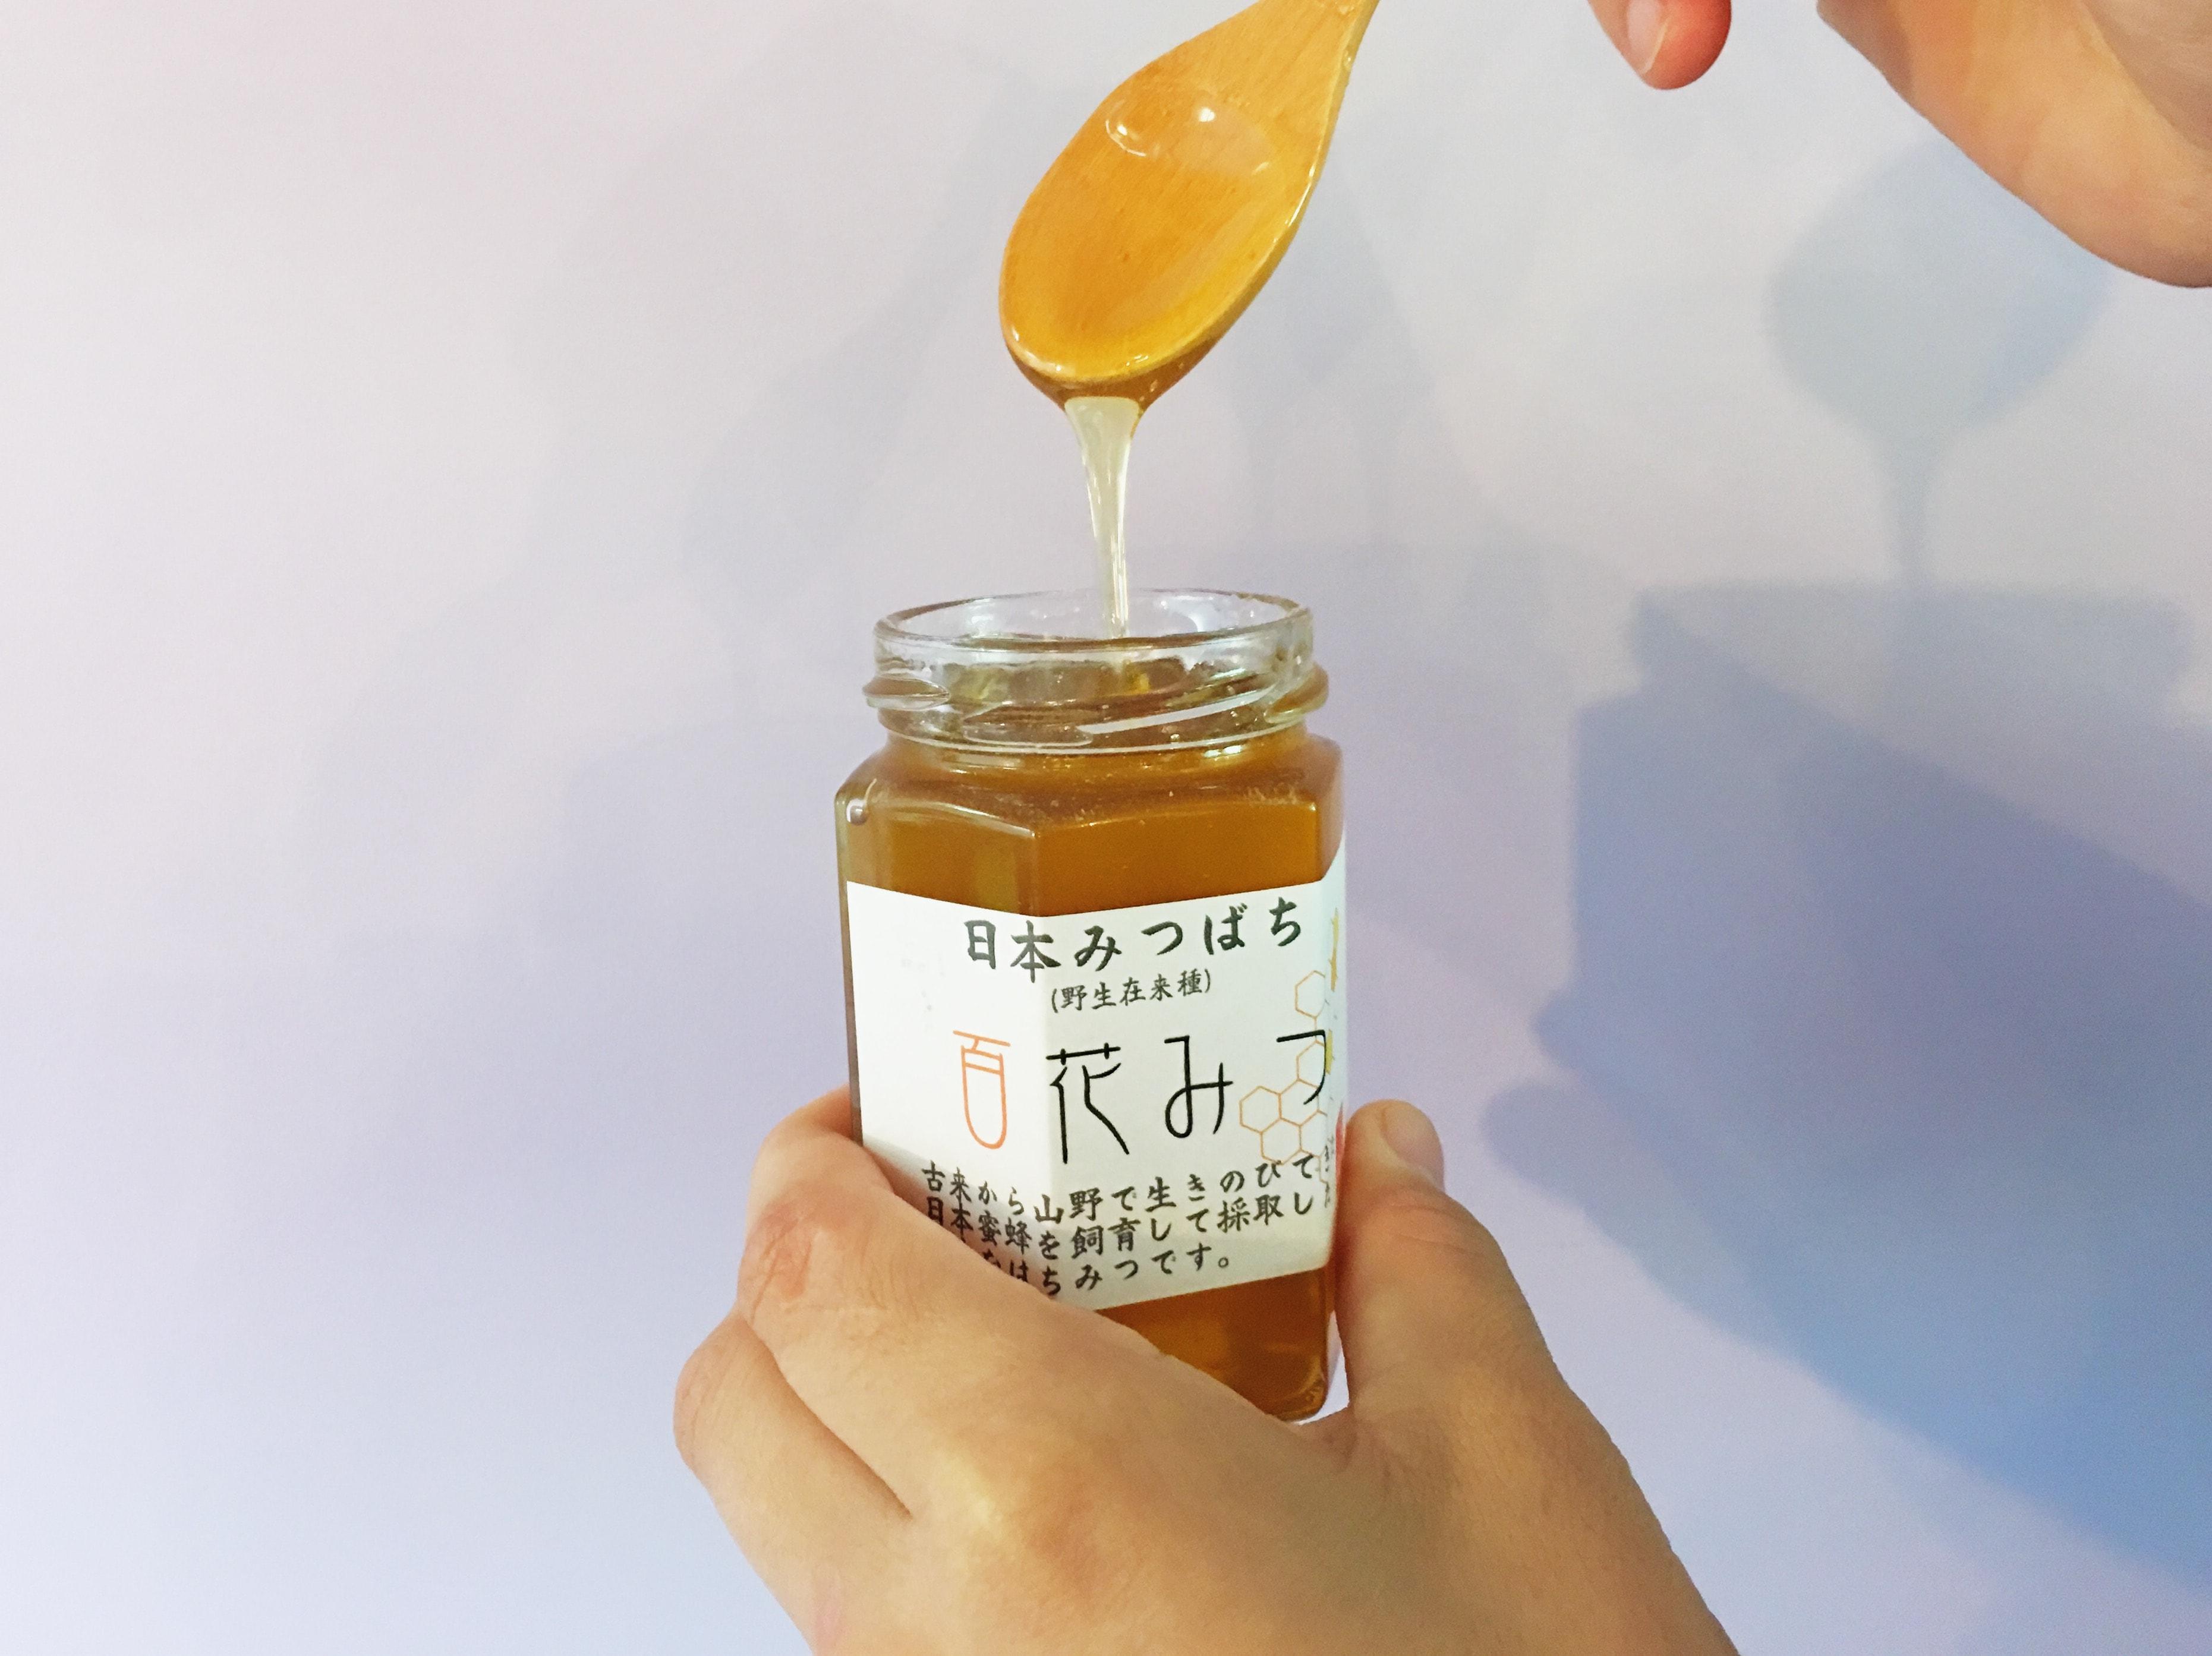 信州産 鈴木さんのローハニー(生はちみつ)